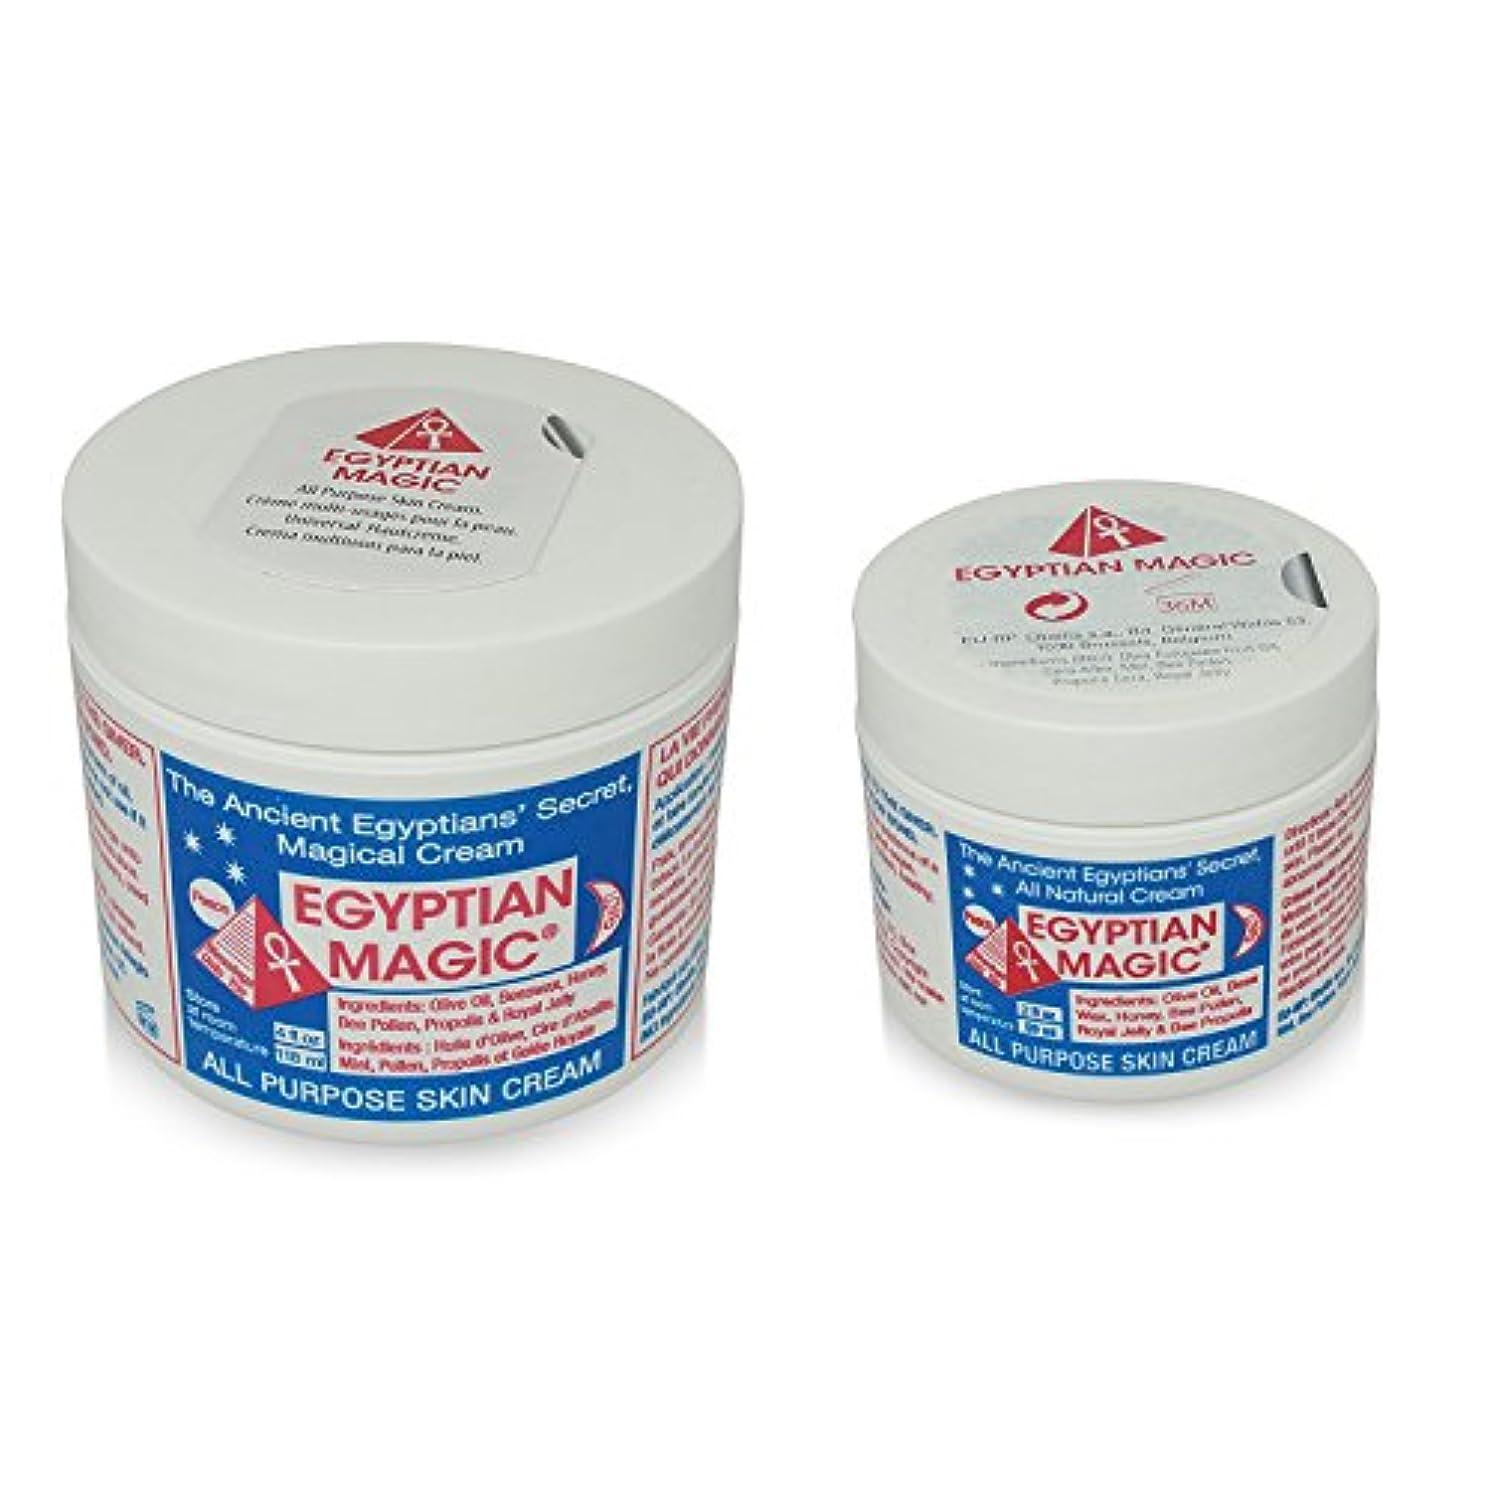 マーベル破裂パンチEgyptian Magic Skin Cream エジプシャンマジッククリーム  (118ml)と(59ml)の2個セット